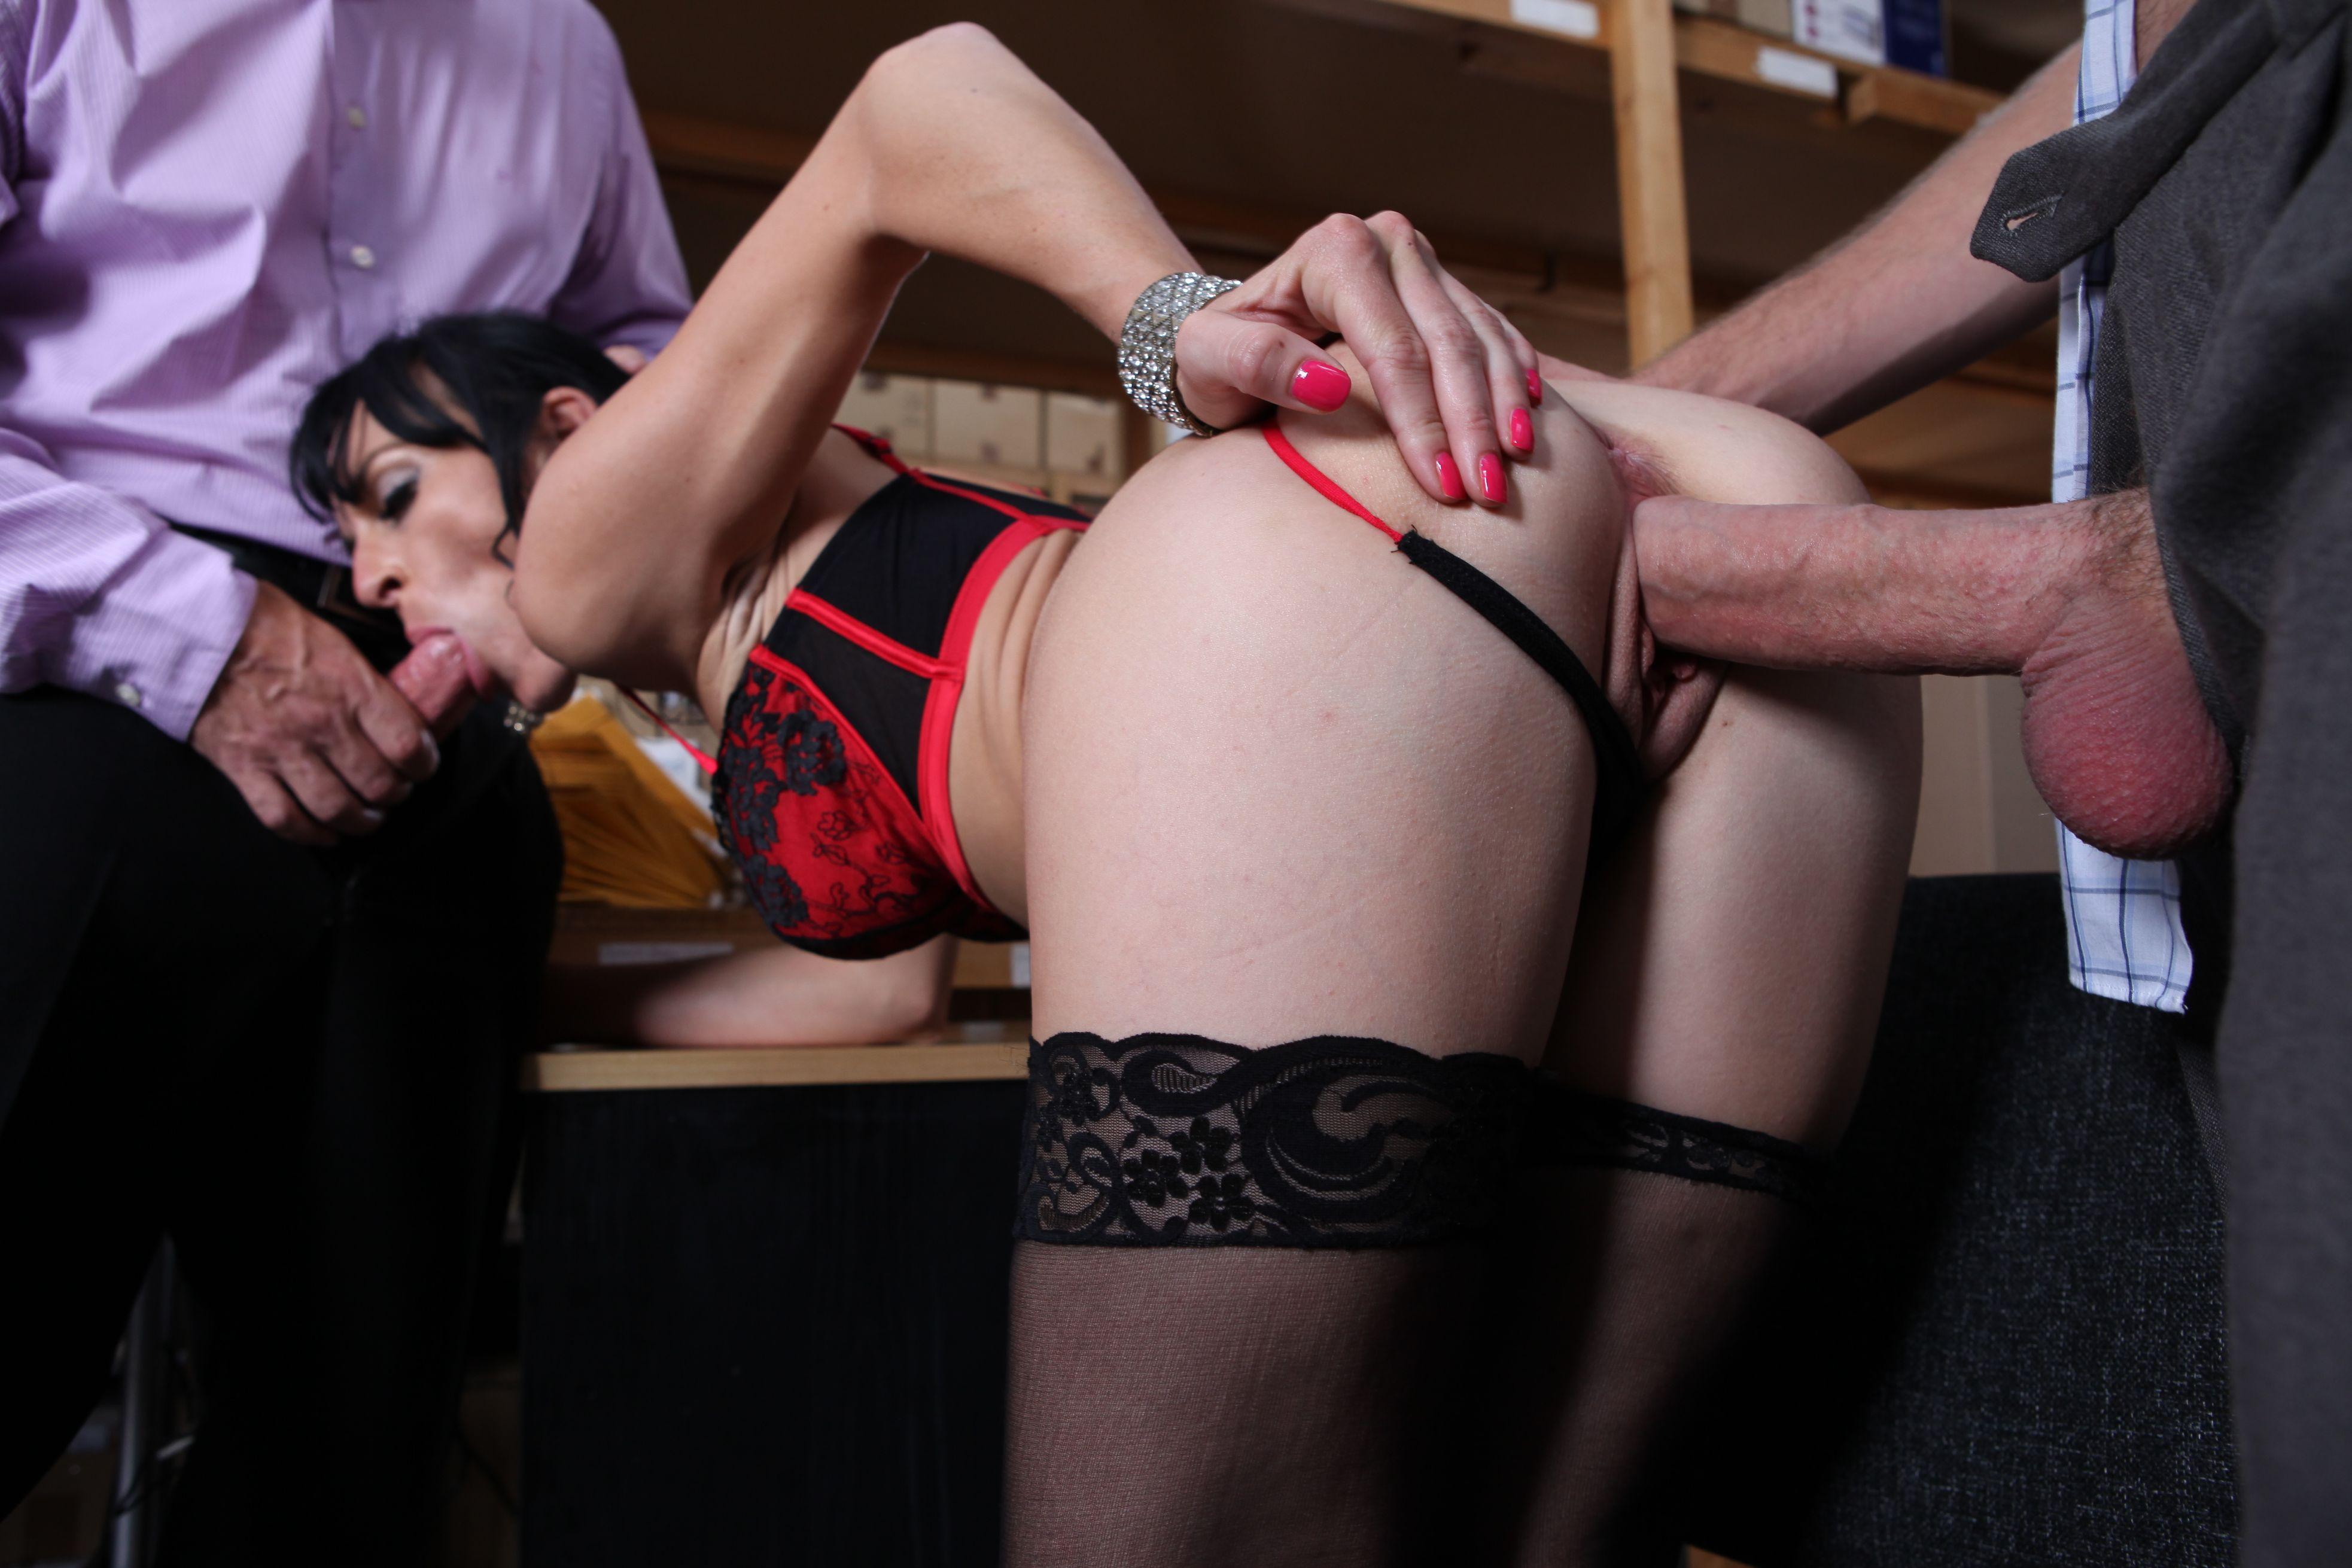 Секс в юбке и колготках, Колготки - порно в нейлоне бесплатно на 24 видео 4 фотография